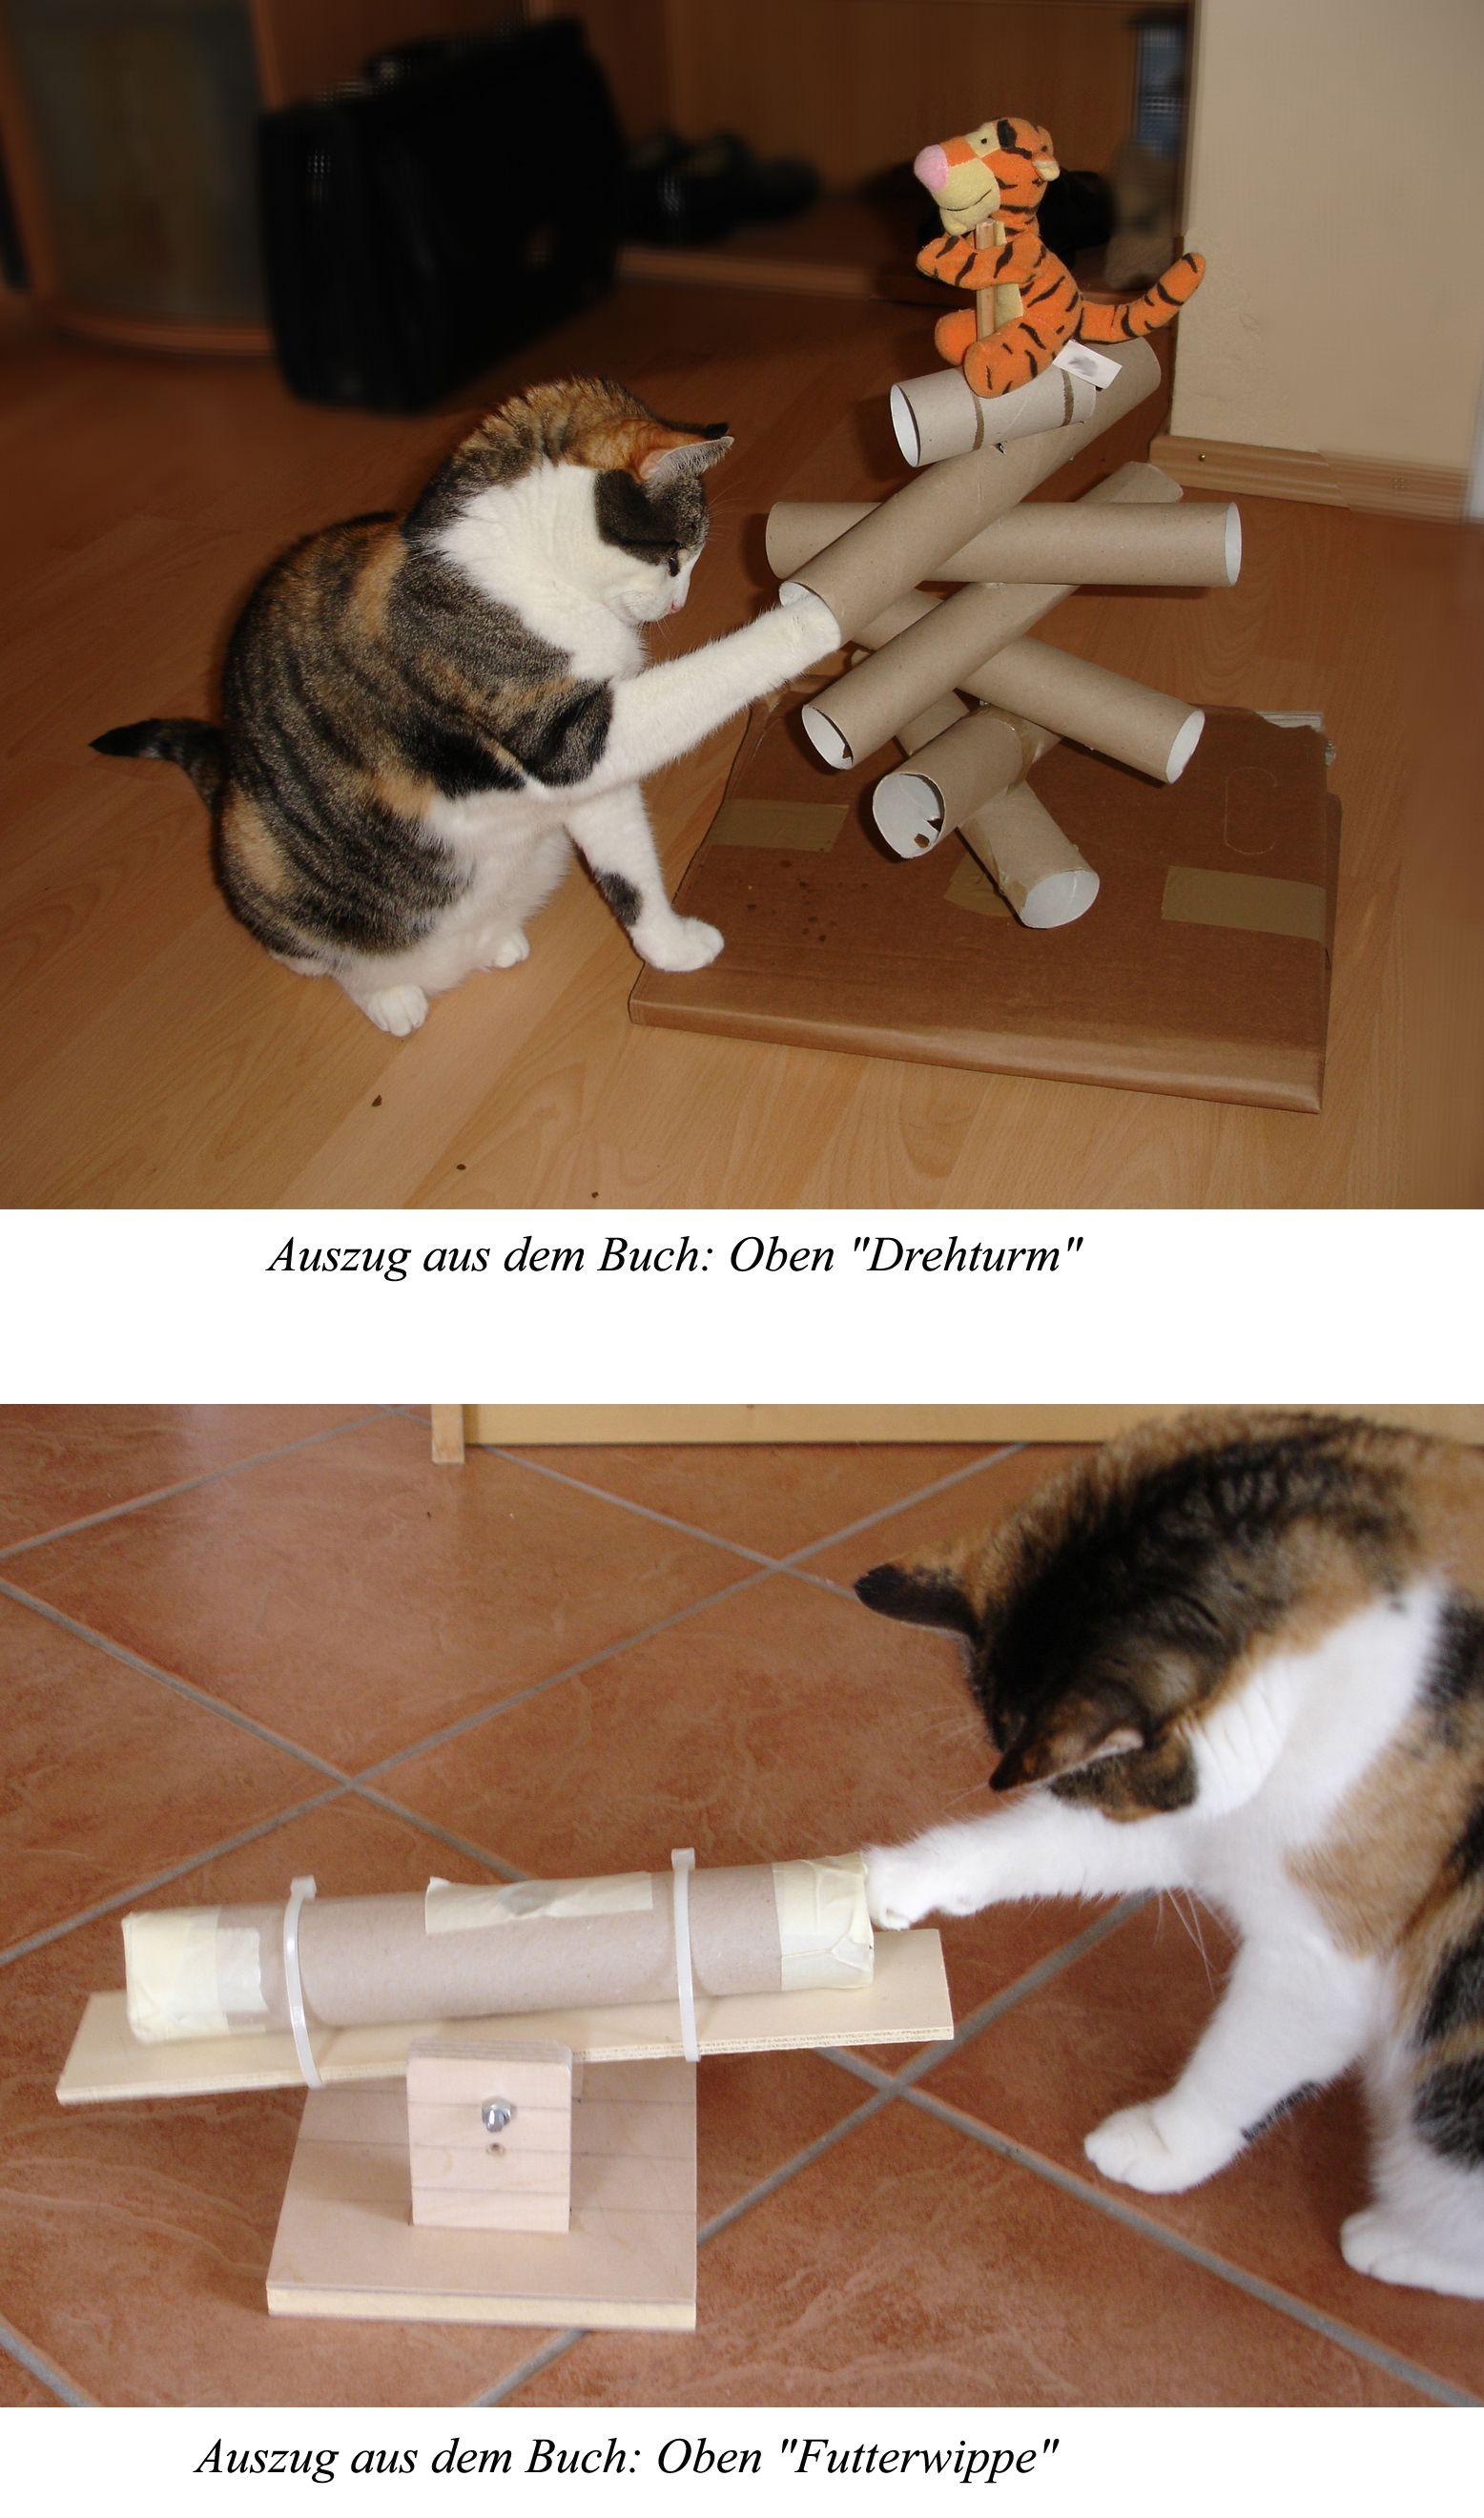 drehturm cat enclosures katze. Black Bedroom Furniture Sets. Home Design Ideas